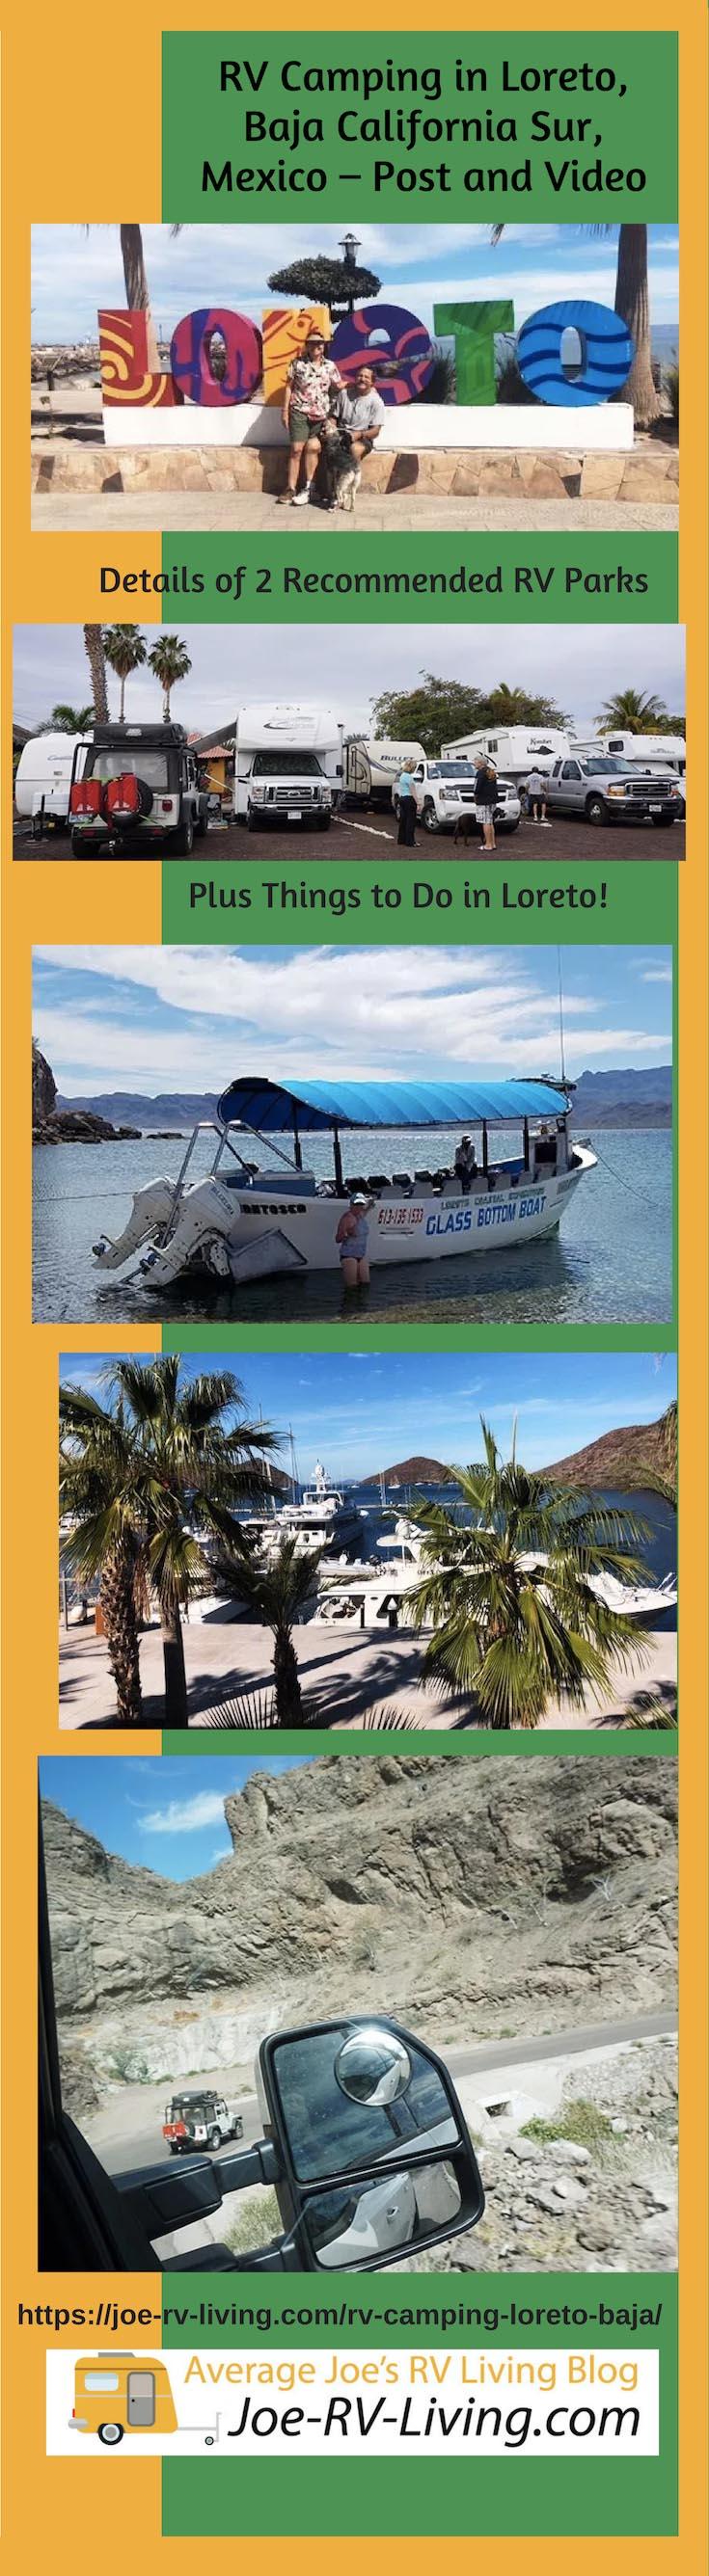 RV Camping in Loreto, Baja California Sur, Mexico - Post and Video